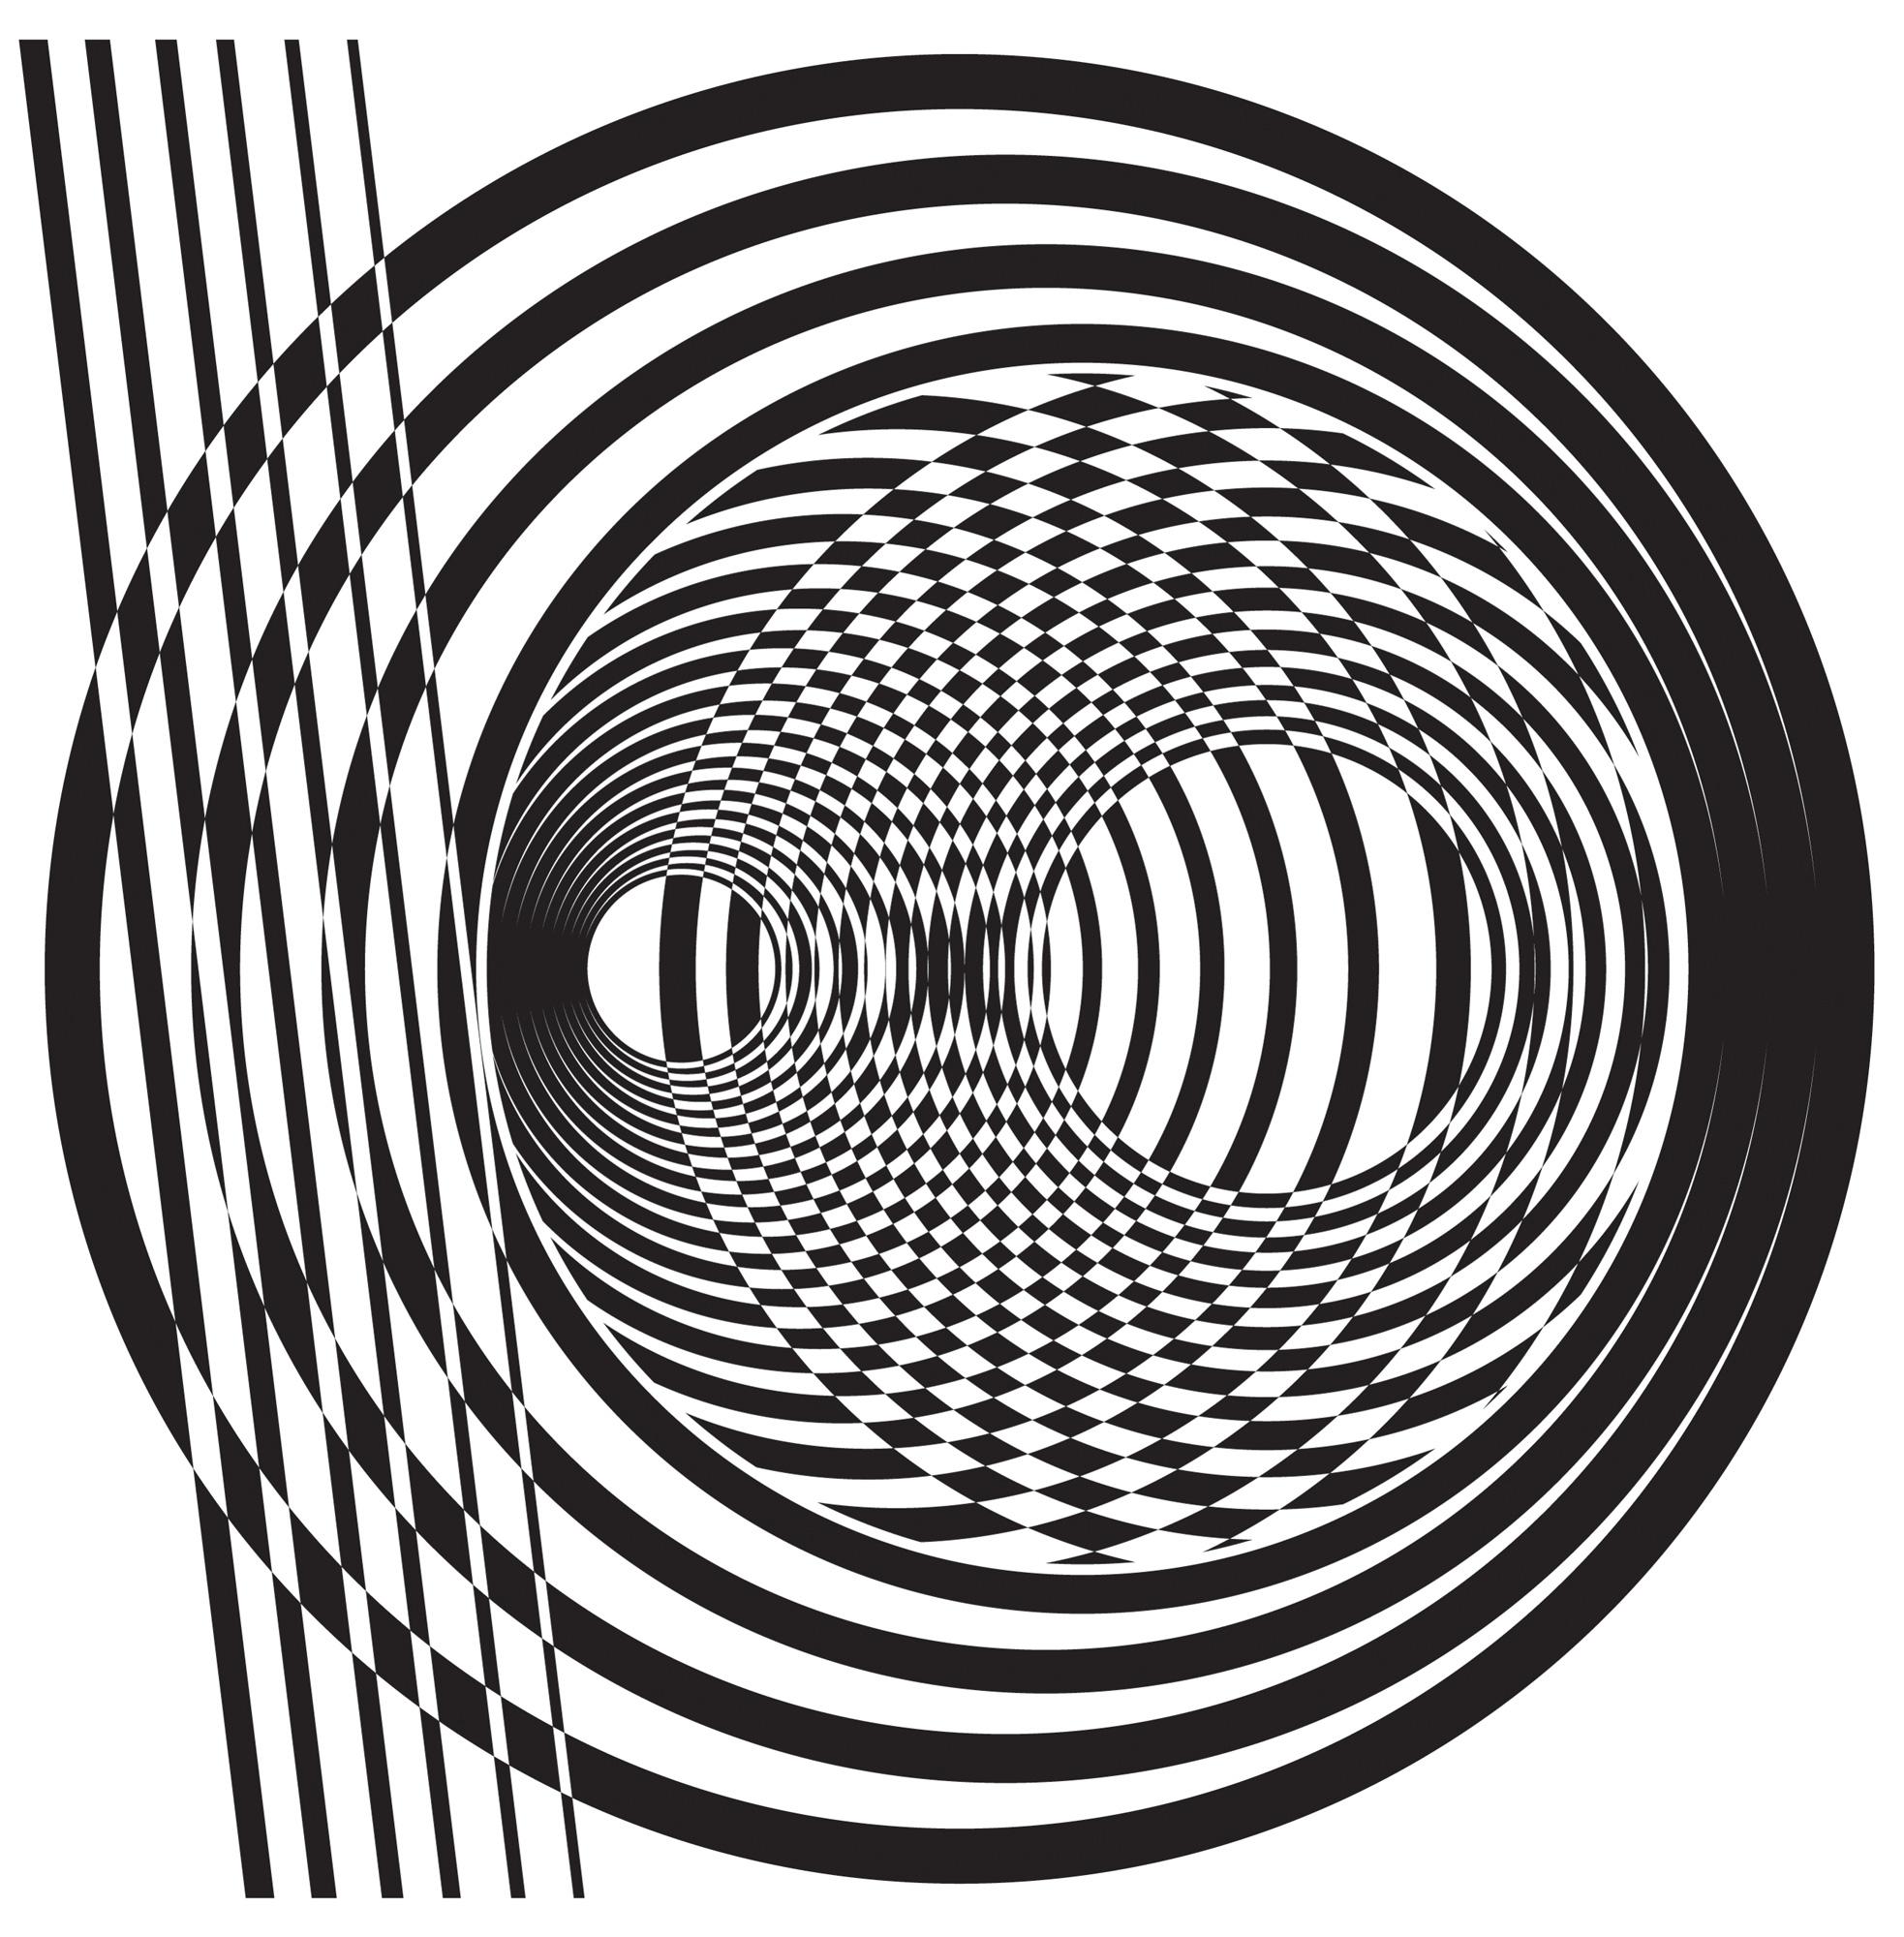 Intersezioni ottico dinamiche n°42, 2016